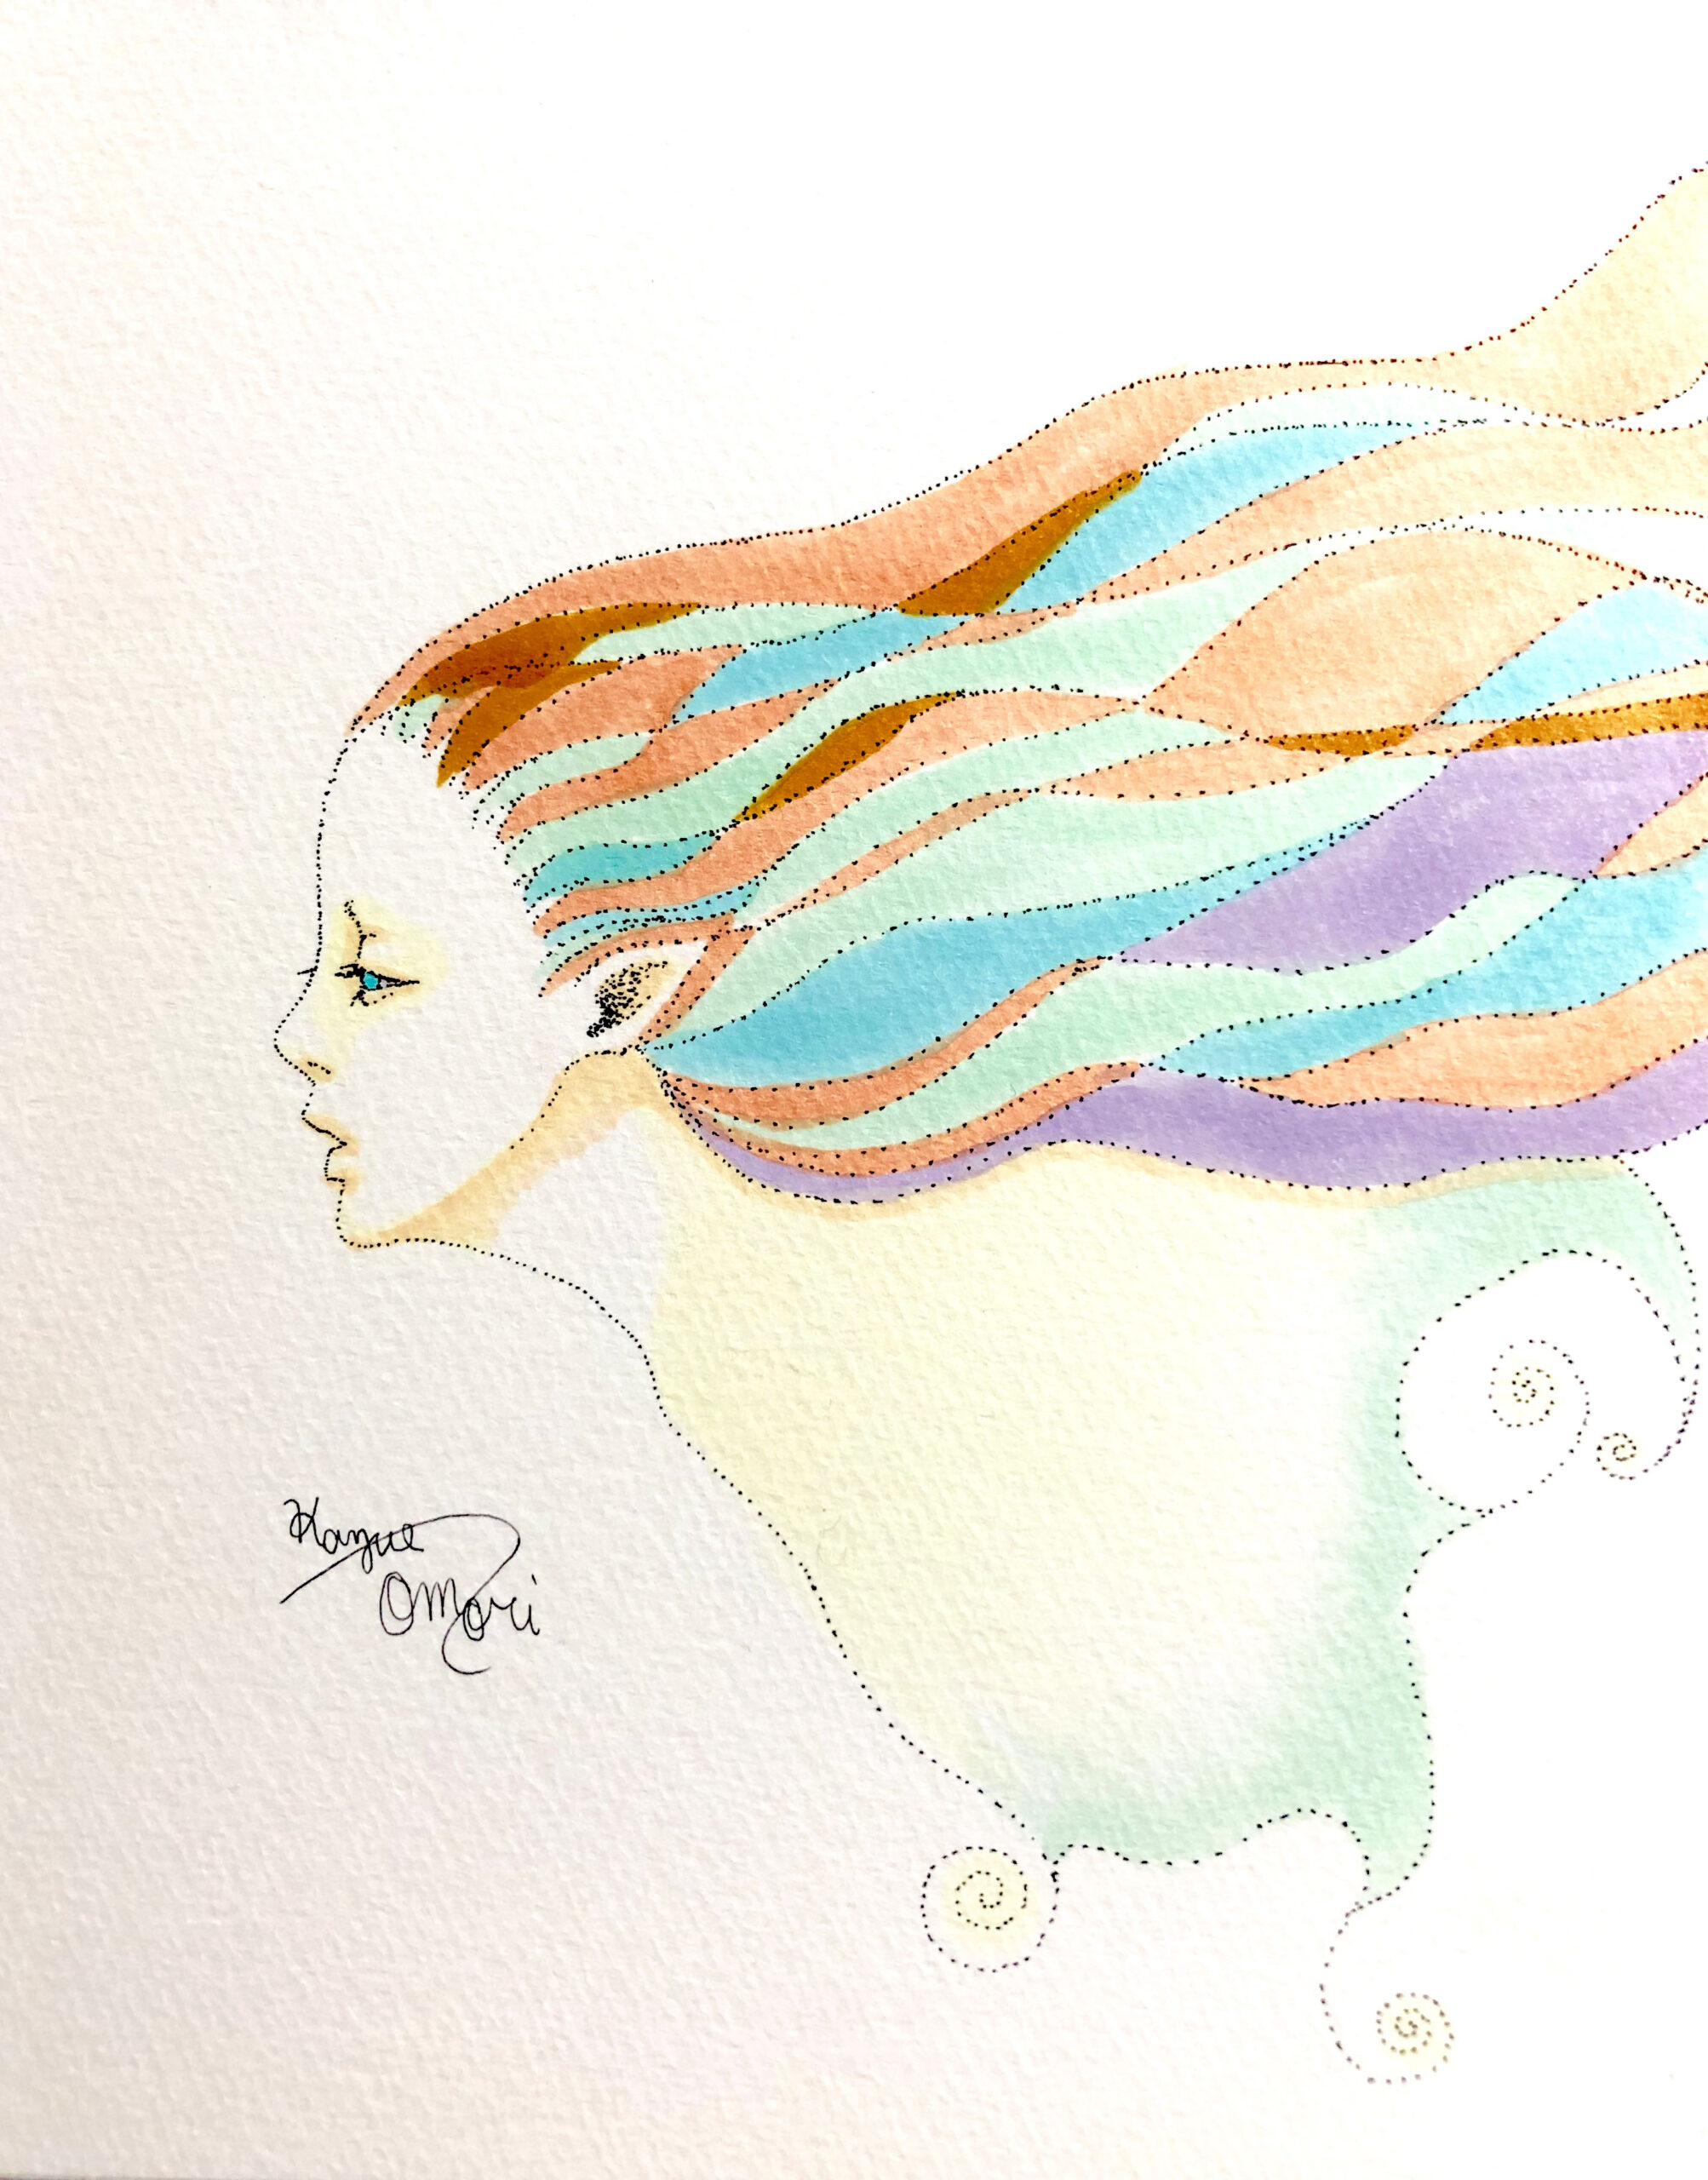 イラスト 女の子イラスト コピック 絵 美術 アート